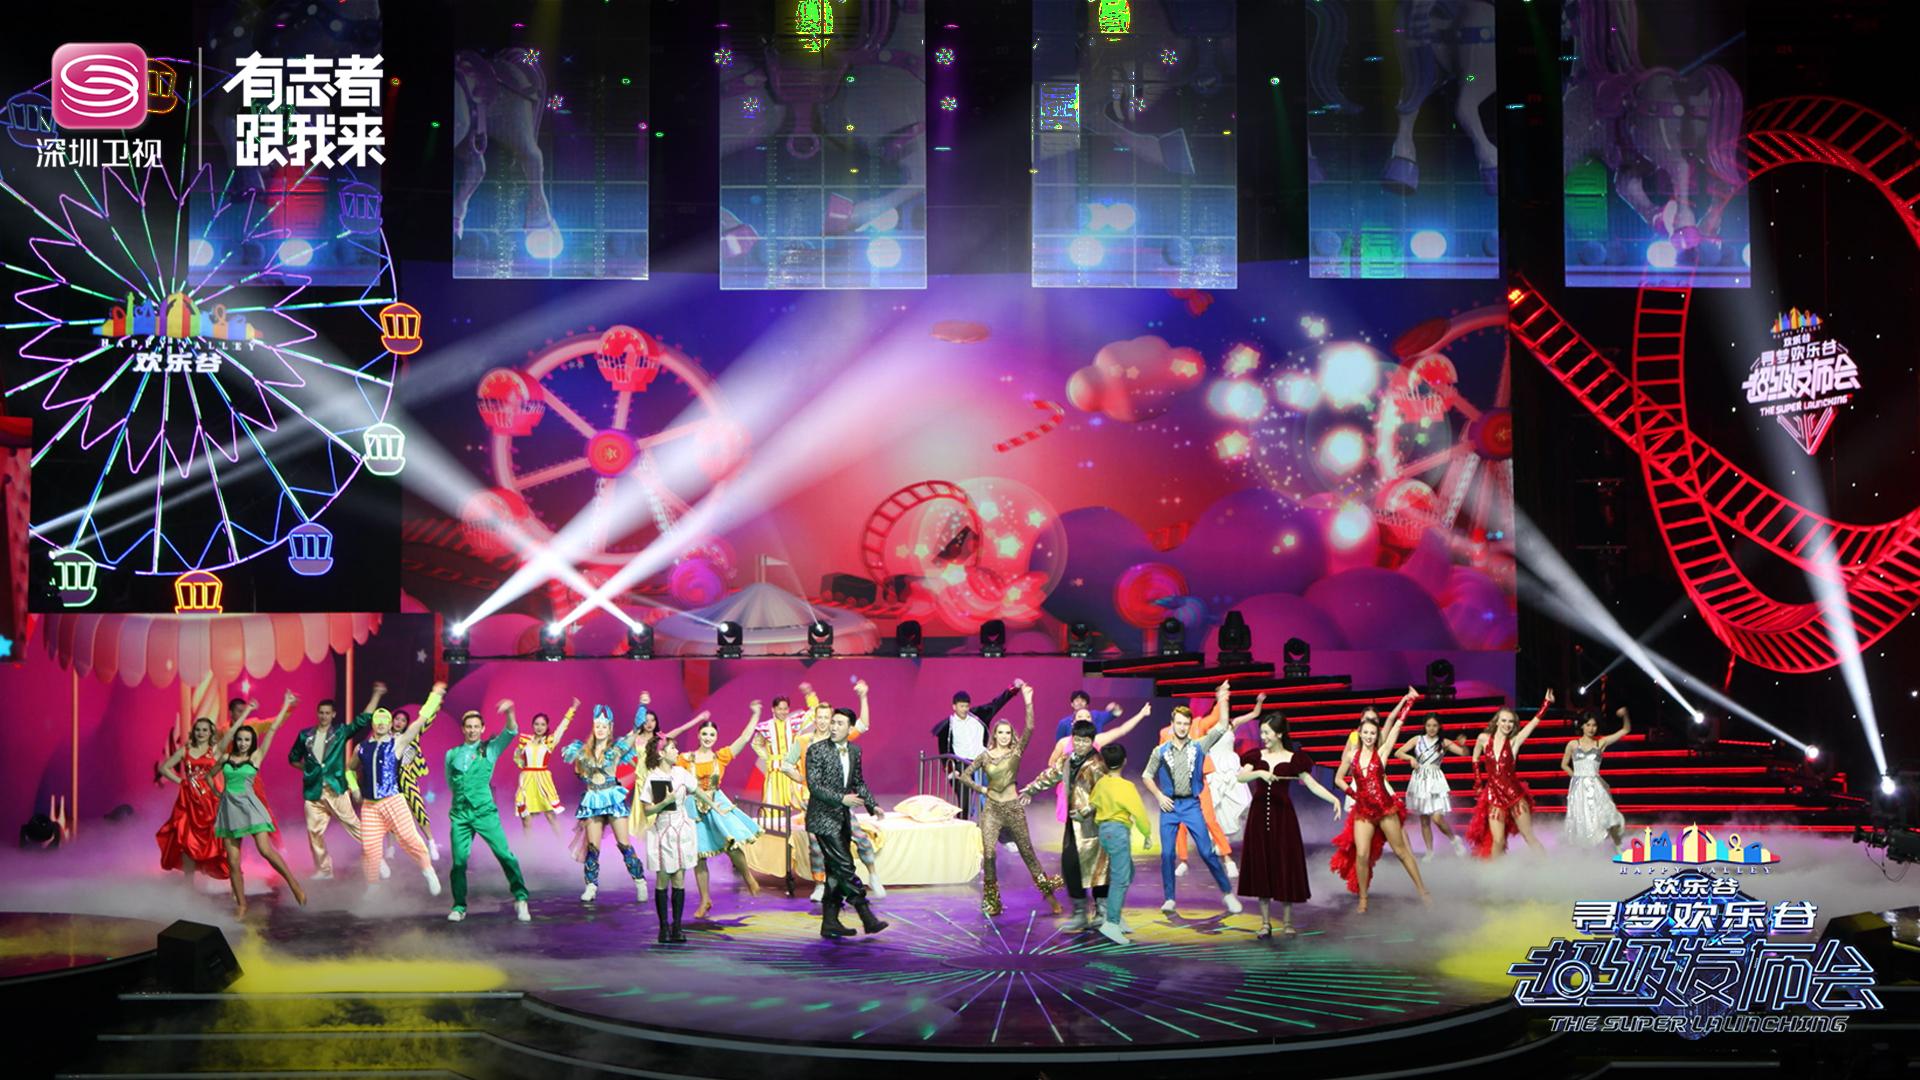 寻梦欢乐谷超级发布会开启 深圳卫视带你倾听梦想的声音